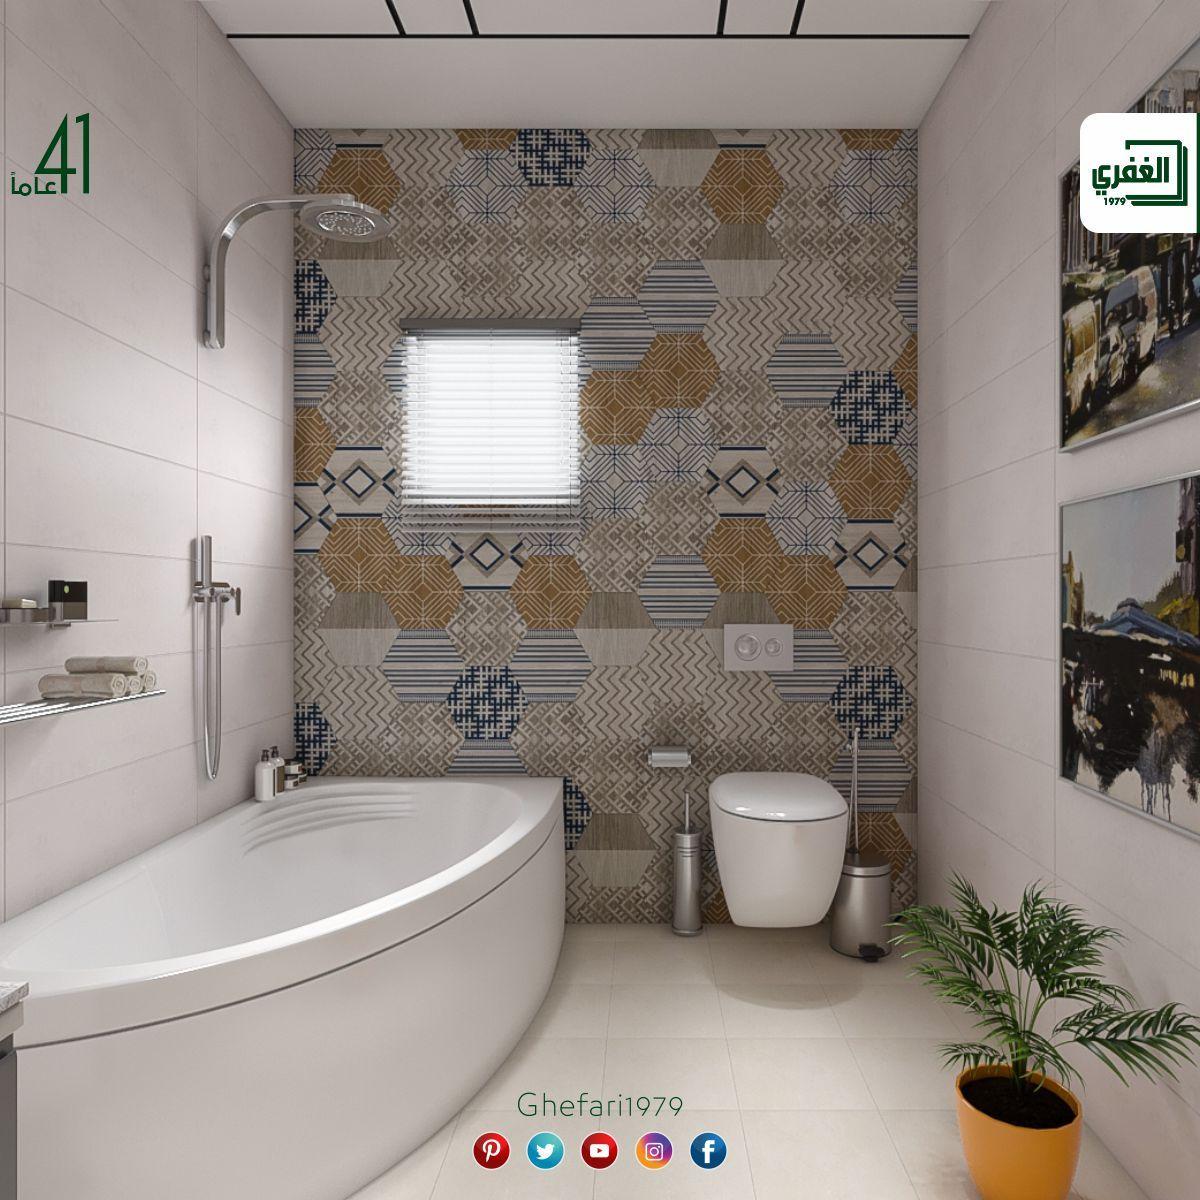 بورسلان أسباني ديكور سداسي للاستخدام داخل الحمامات المطابخ اماكن اخرى للمزيد زورونا على موقع الشركة Https Www Ghefari Com In 2020 Corner Bathtub Bathtub Bathroom